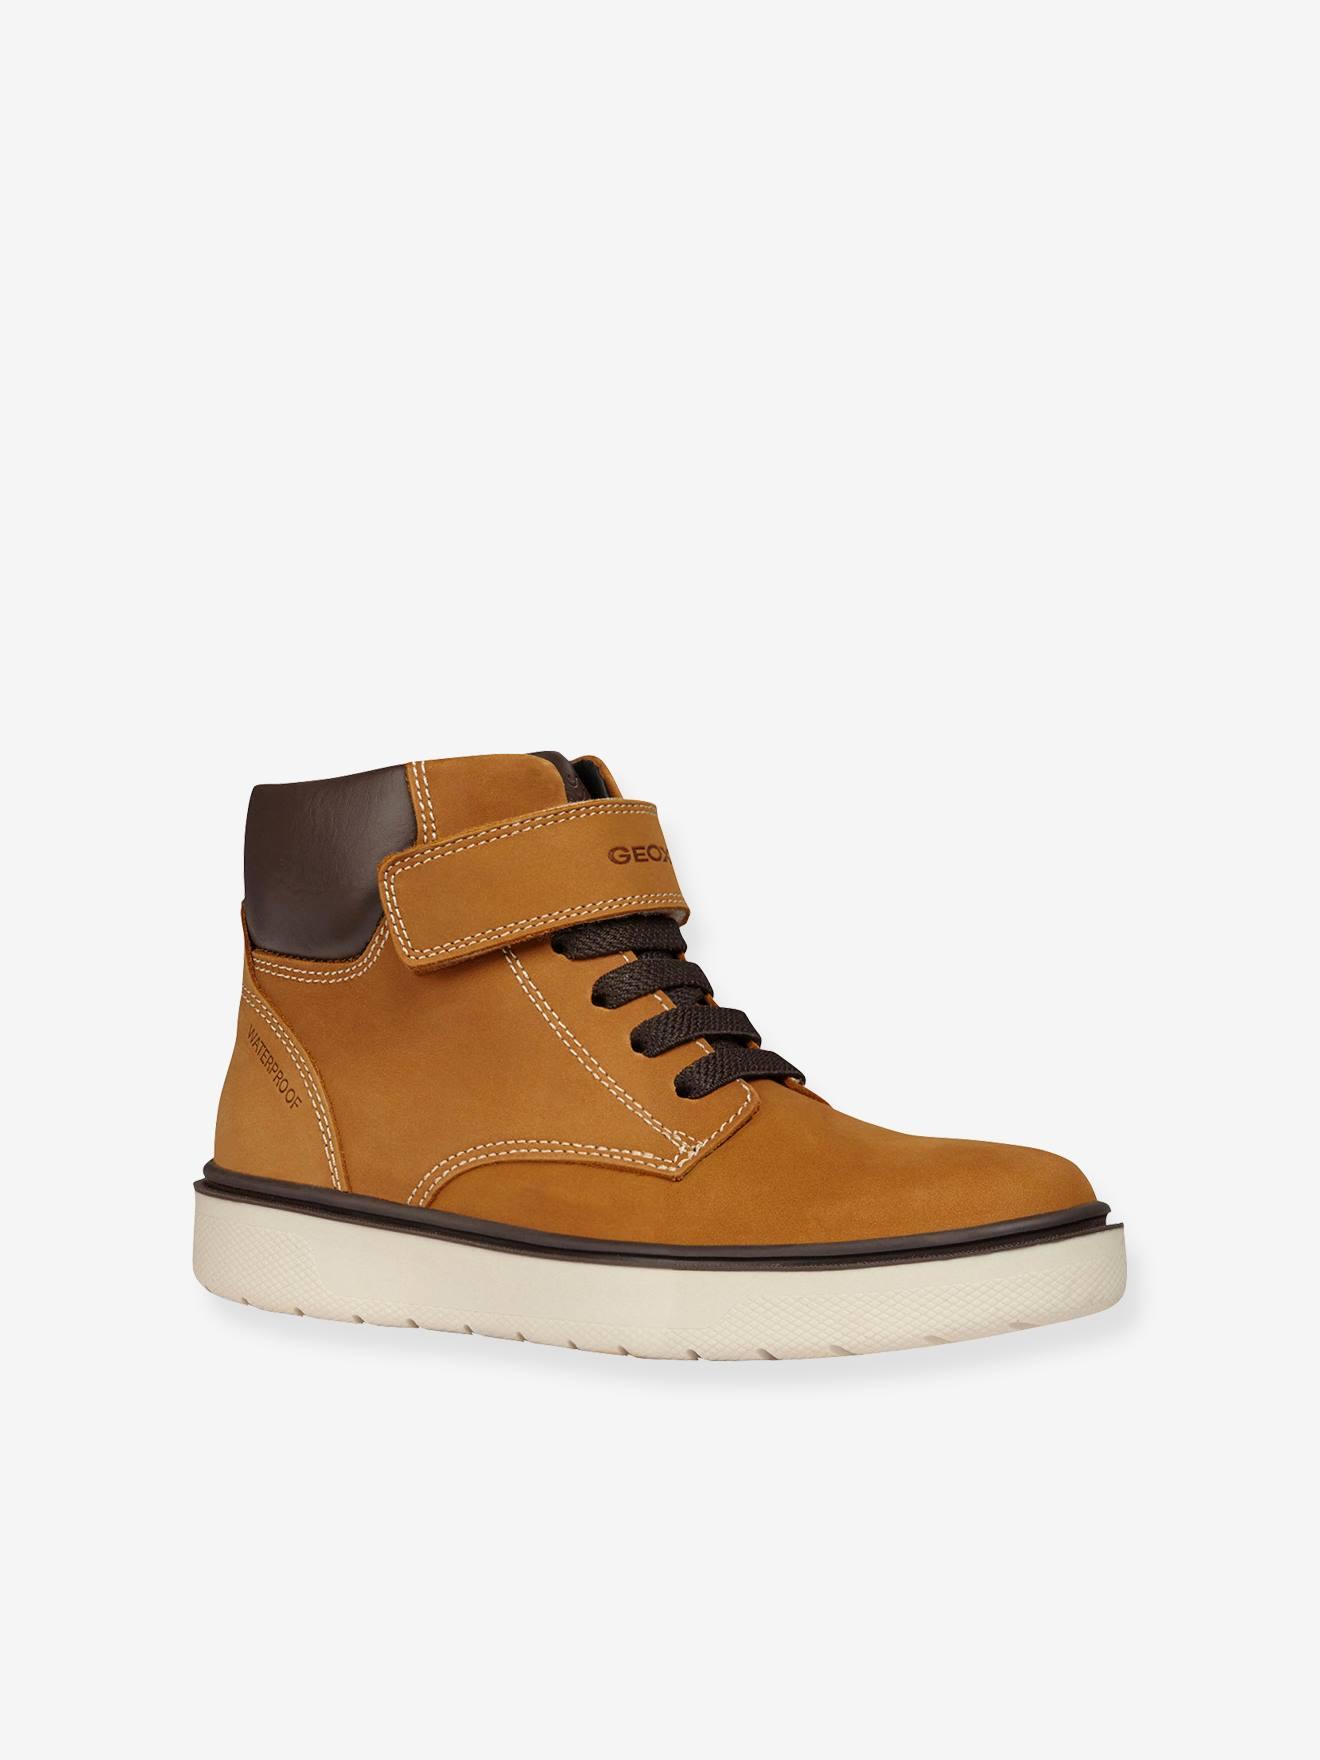 chaussures geox garcon camel